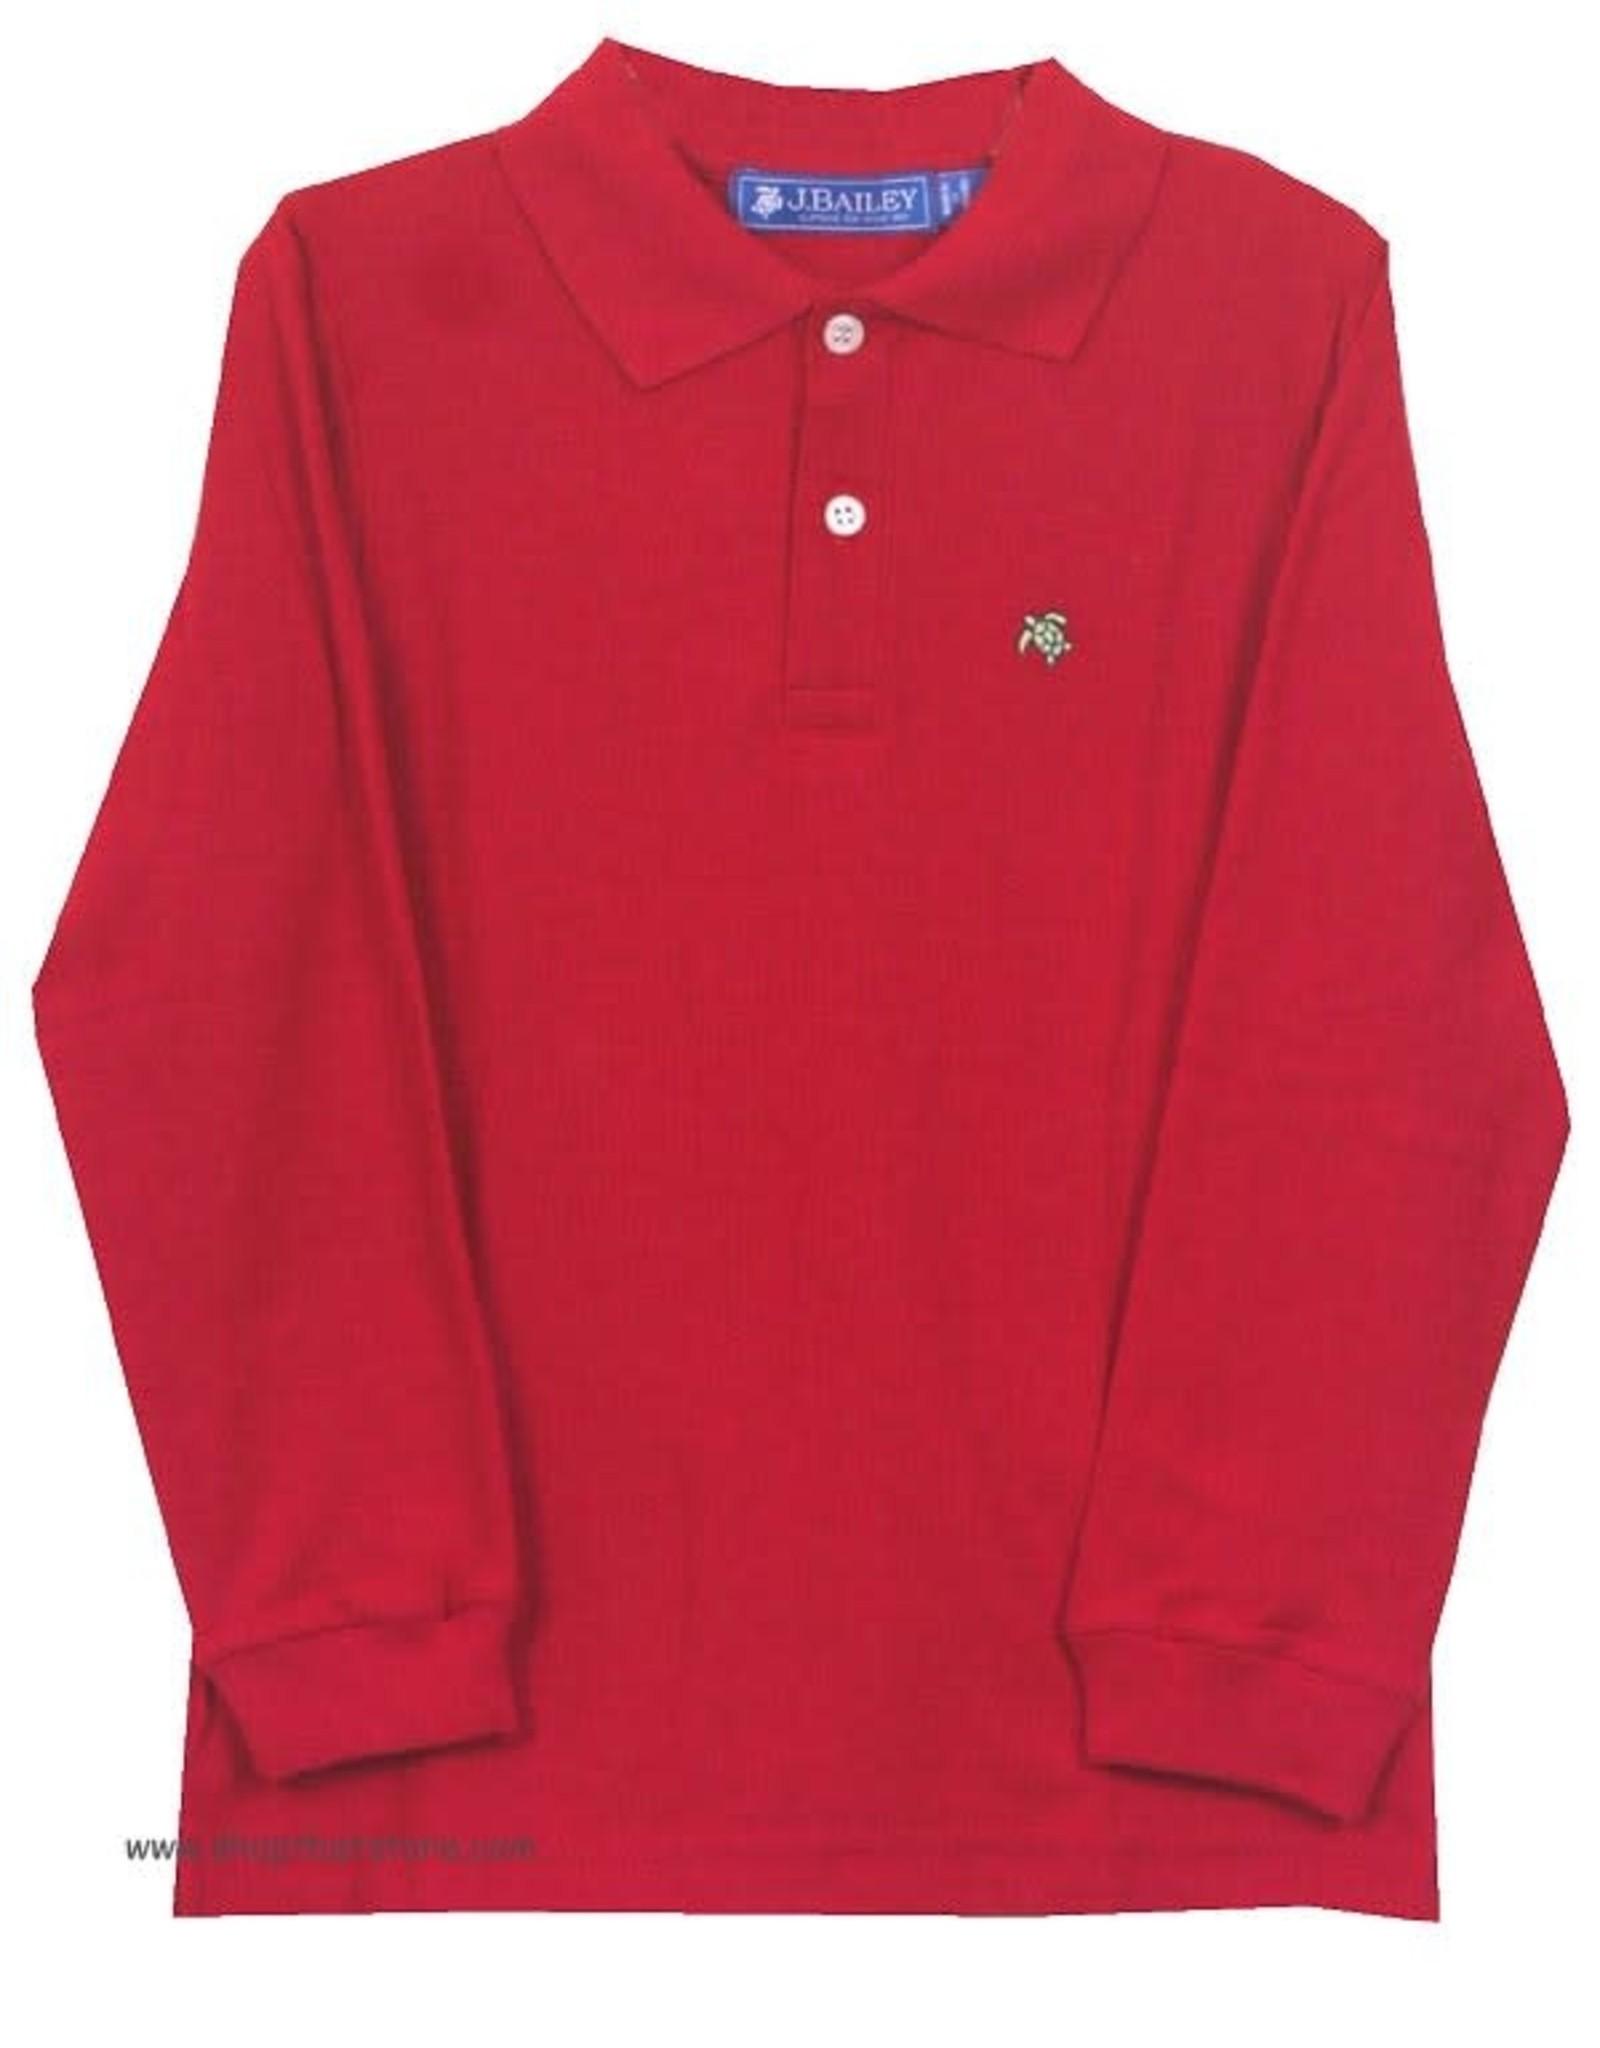 The Bailey Boys Long Sleeve Red Polo Shirt